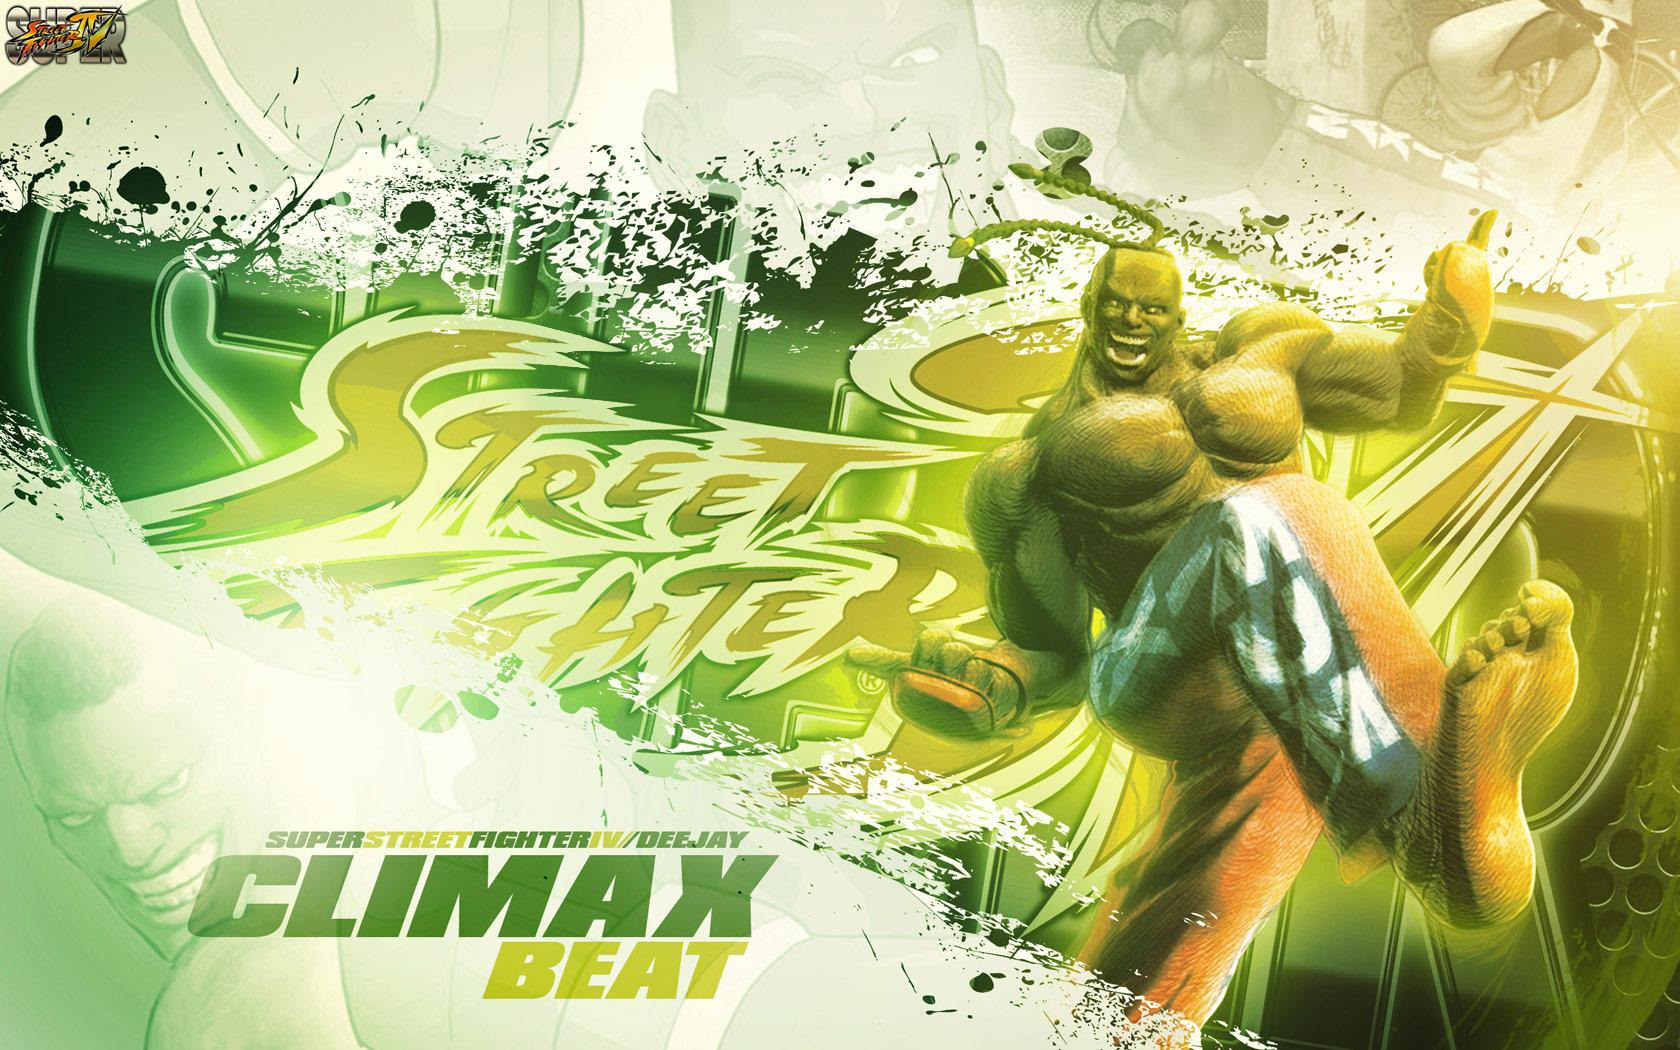 Dee Jay Super Street Fighter 4 wallpaper by BossLogic